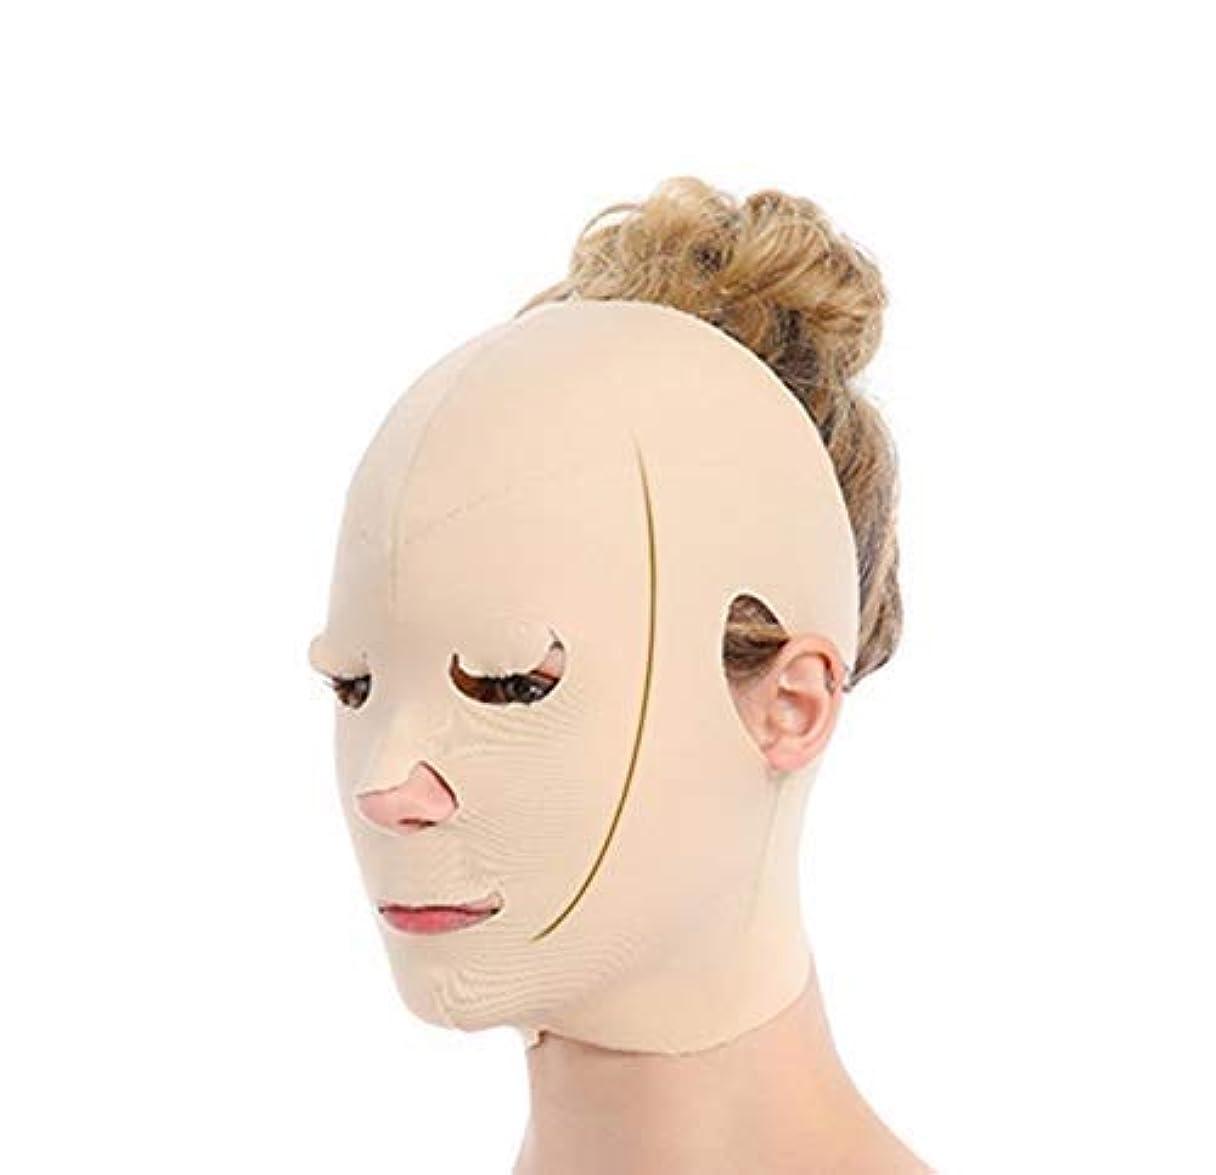 浸した法律胸小さな顔ツールV顔包帯薄い顔美容マスク怠zyな睡眠マスク男性と女性V顔包帯整形リフティングファーミングフェイスシンダブルチン